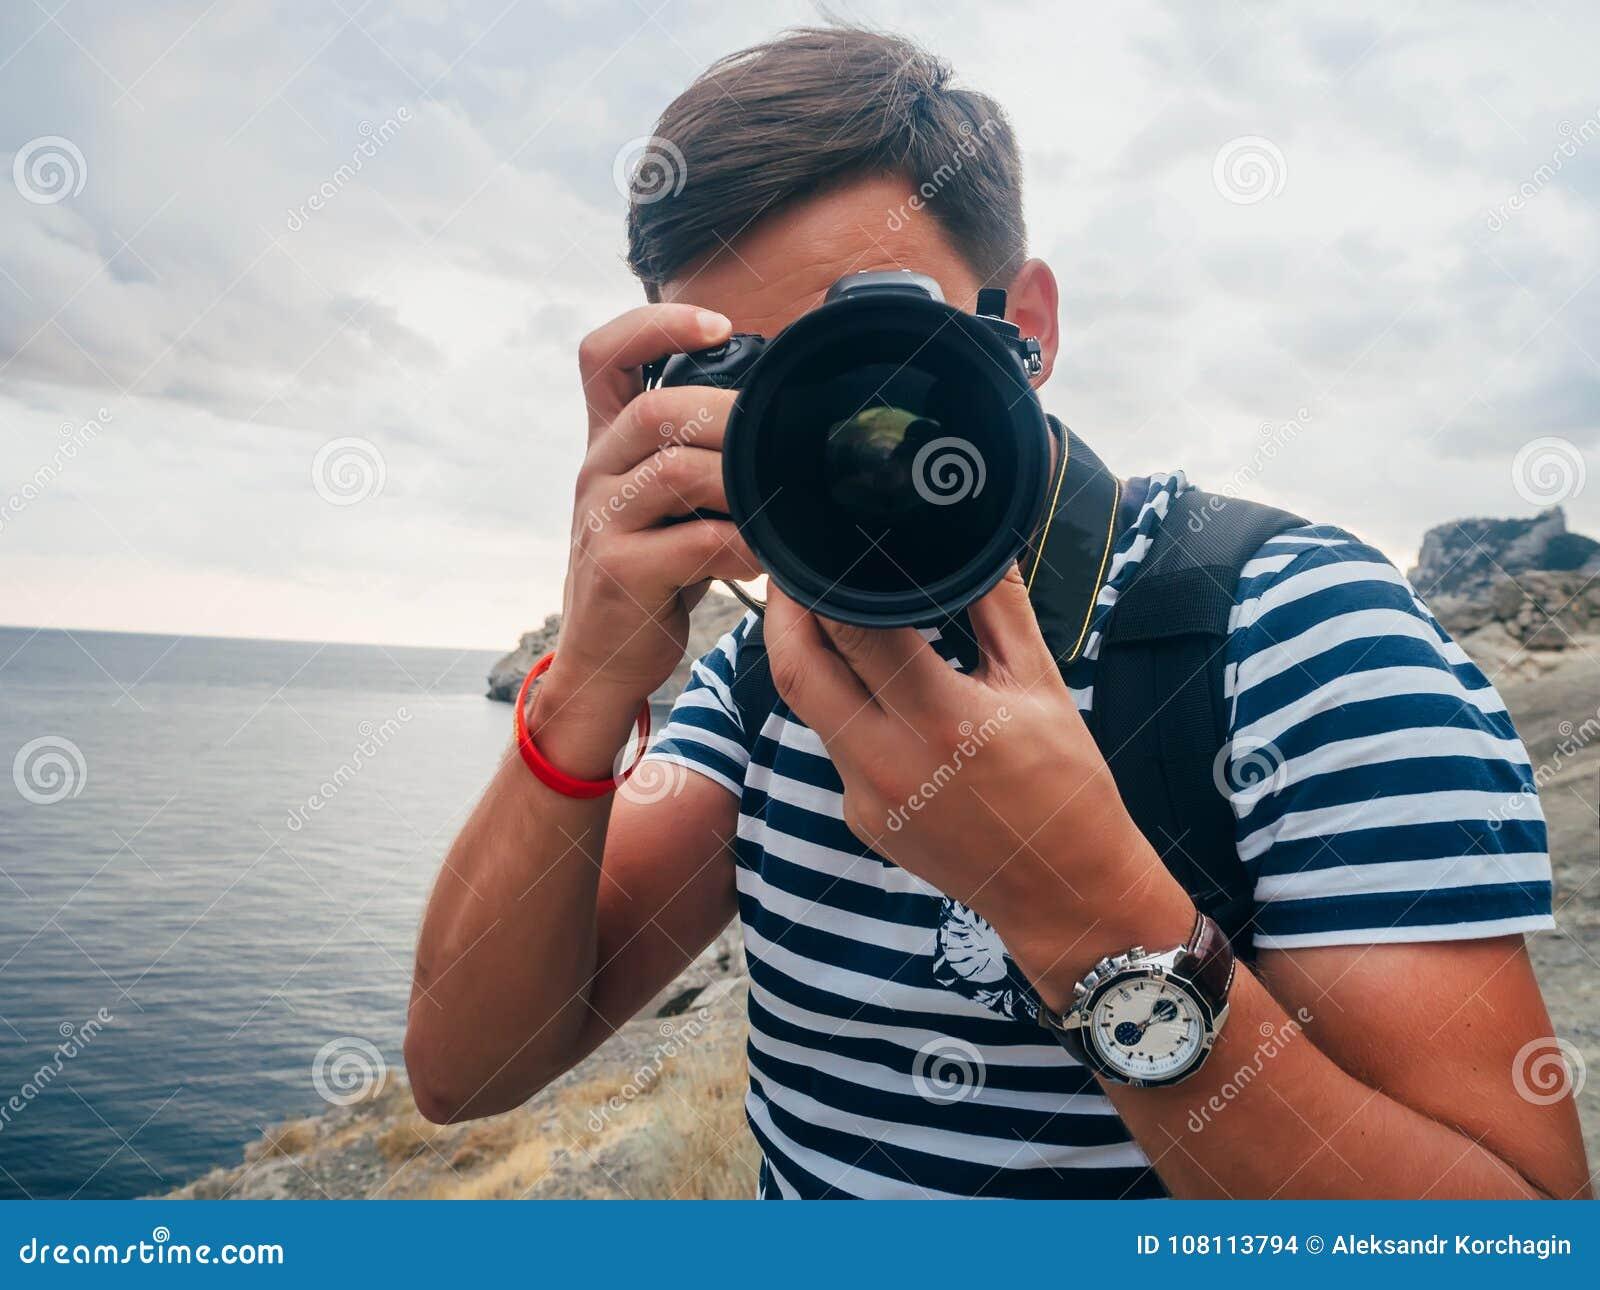 Turista masculino del fotógrafo con una cámara digital y una lente grande